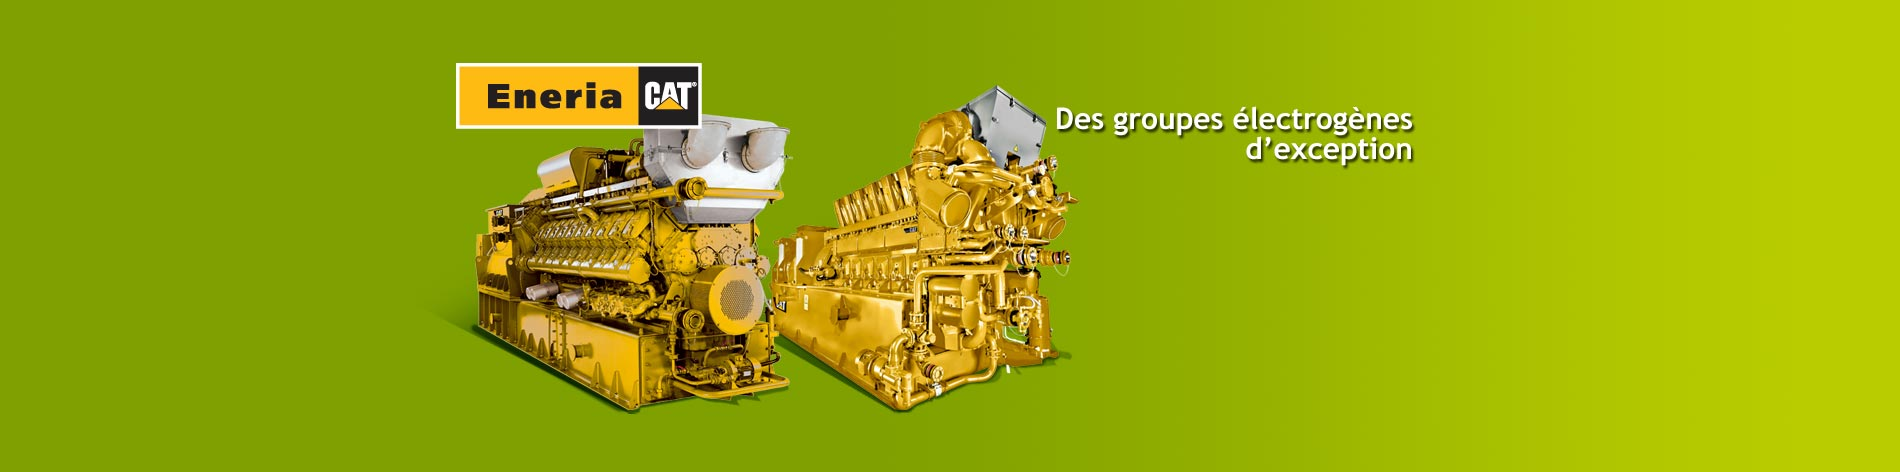 Nous vous proposons une gamme complète de groupes électrogènes gaz adaptée à tout type de gaz de 130 à 4 300 kWe.